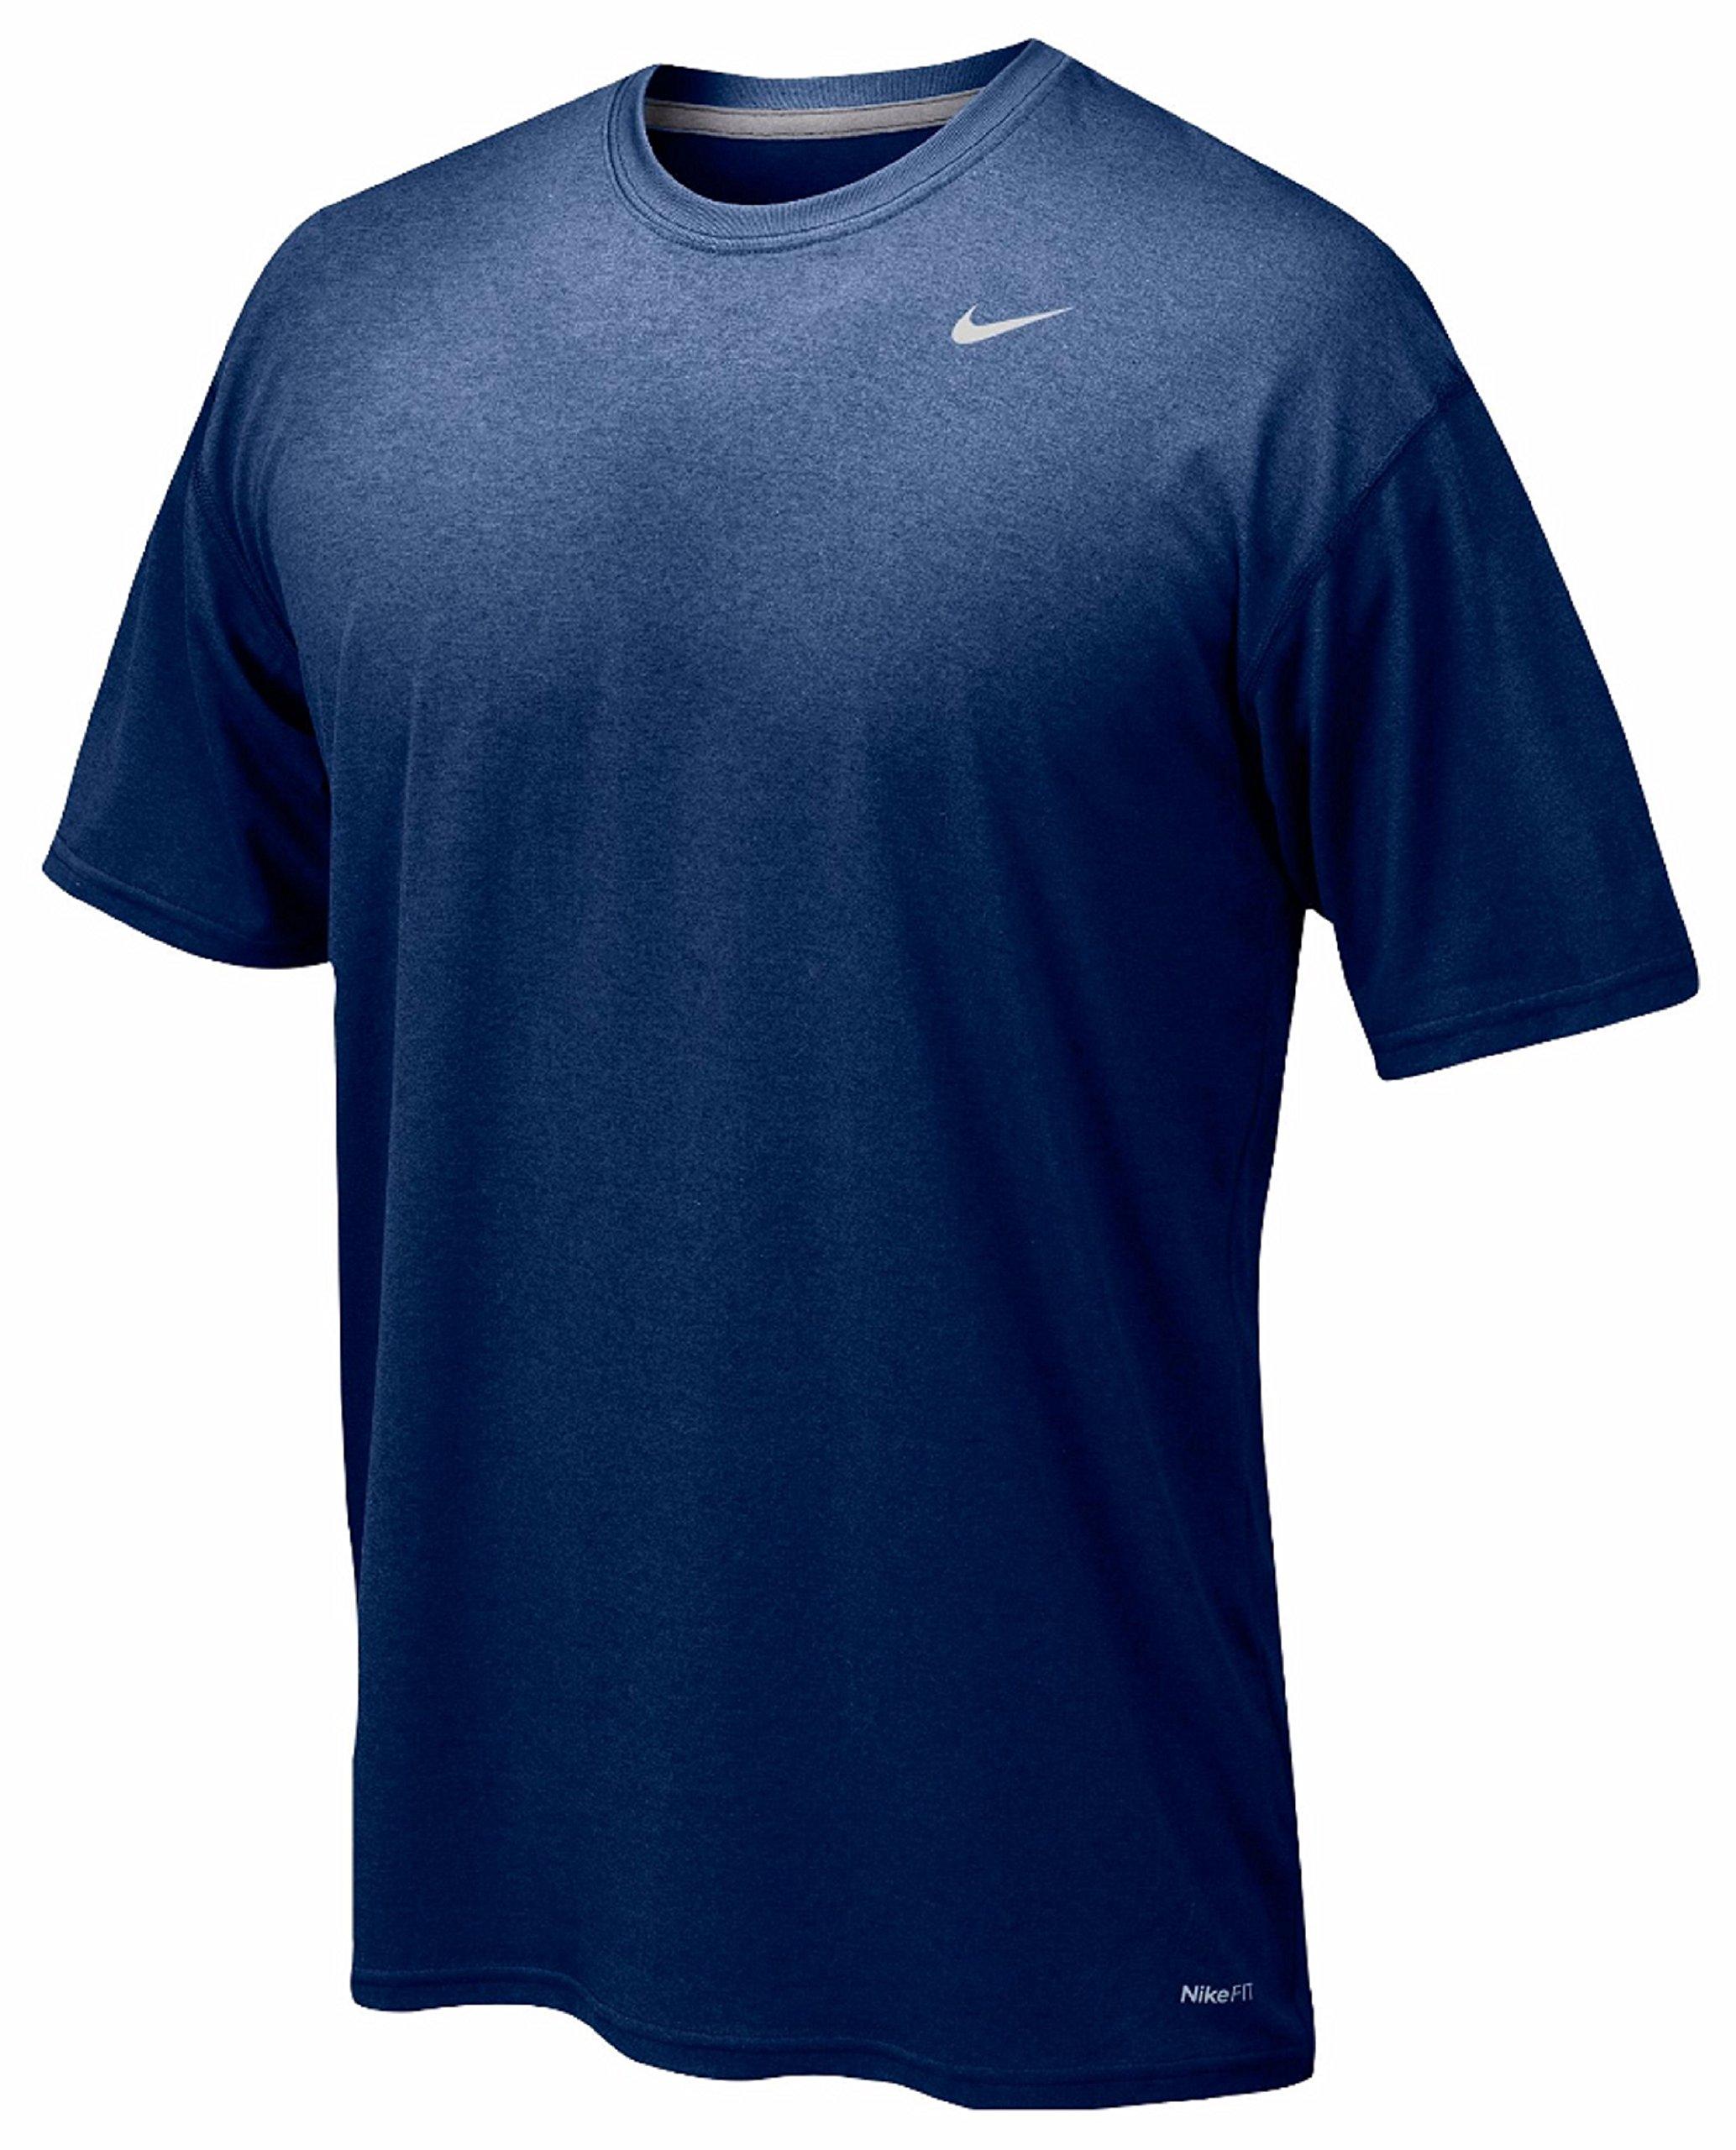 Nike Youth Boys Legend Short Sleeve Tee Shirt (Youth Large, Navy)